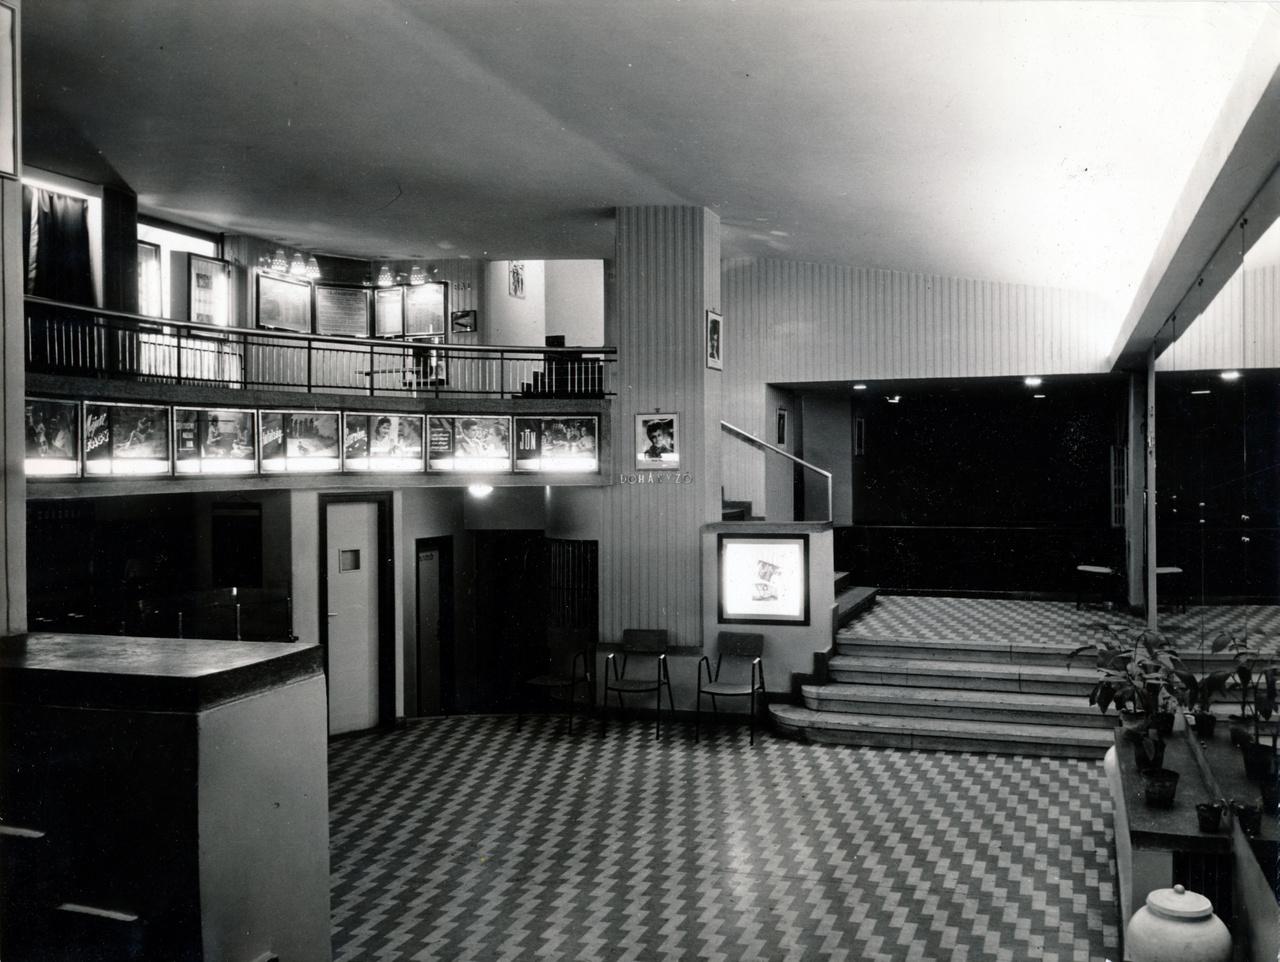 """Igazi friss dizájn az előtérben. A hátulról megvilágított plakátok, a """"dohányzó"""" felirat és a kockás padló egy hatvanas-hetvenes években épült moziban is lehetnének, de most még csak 1934-et írunk!"""